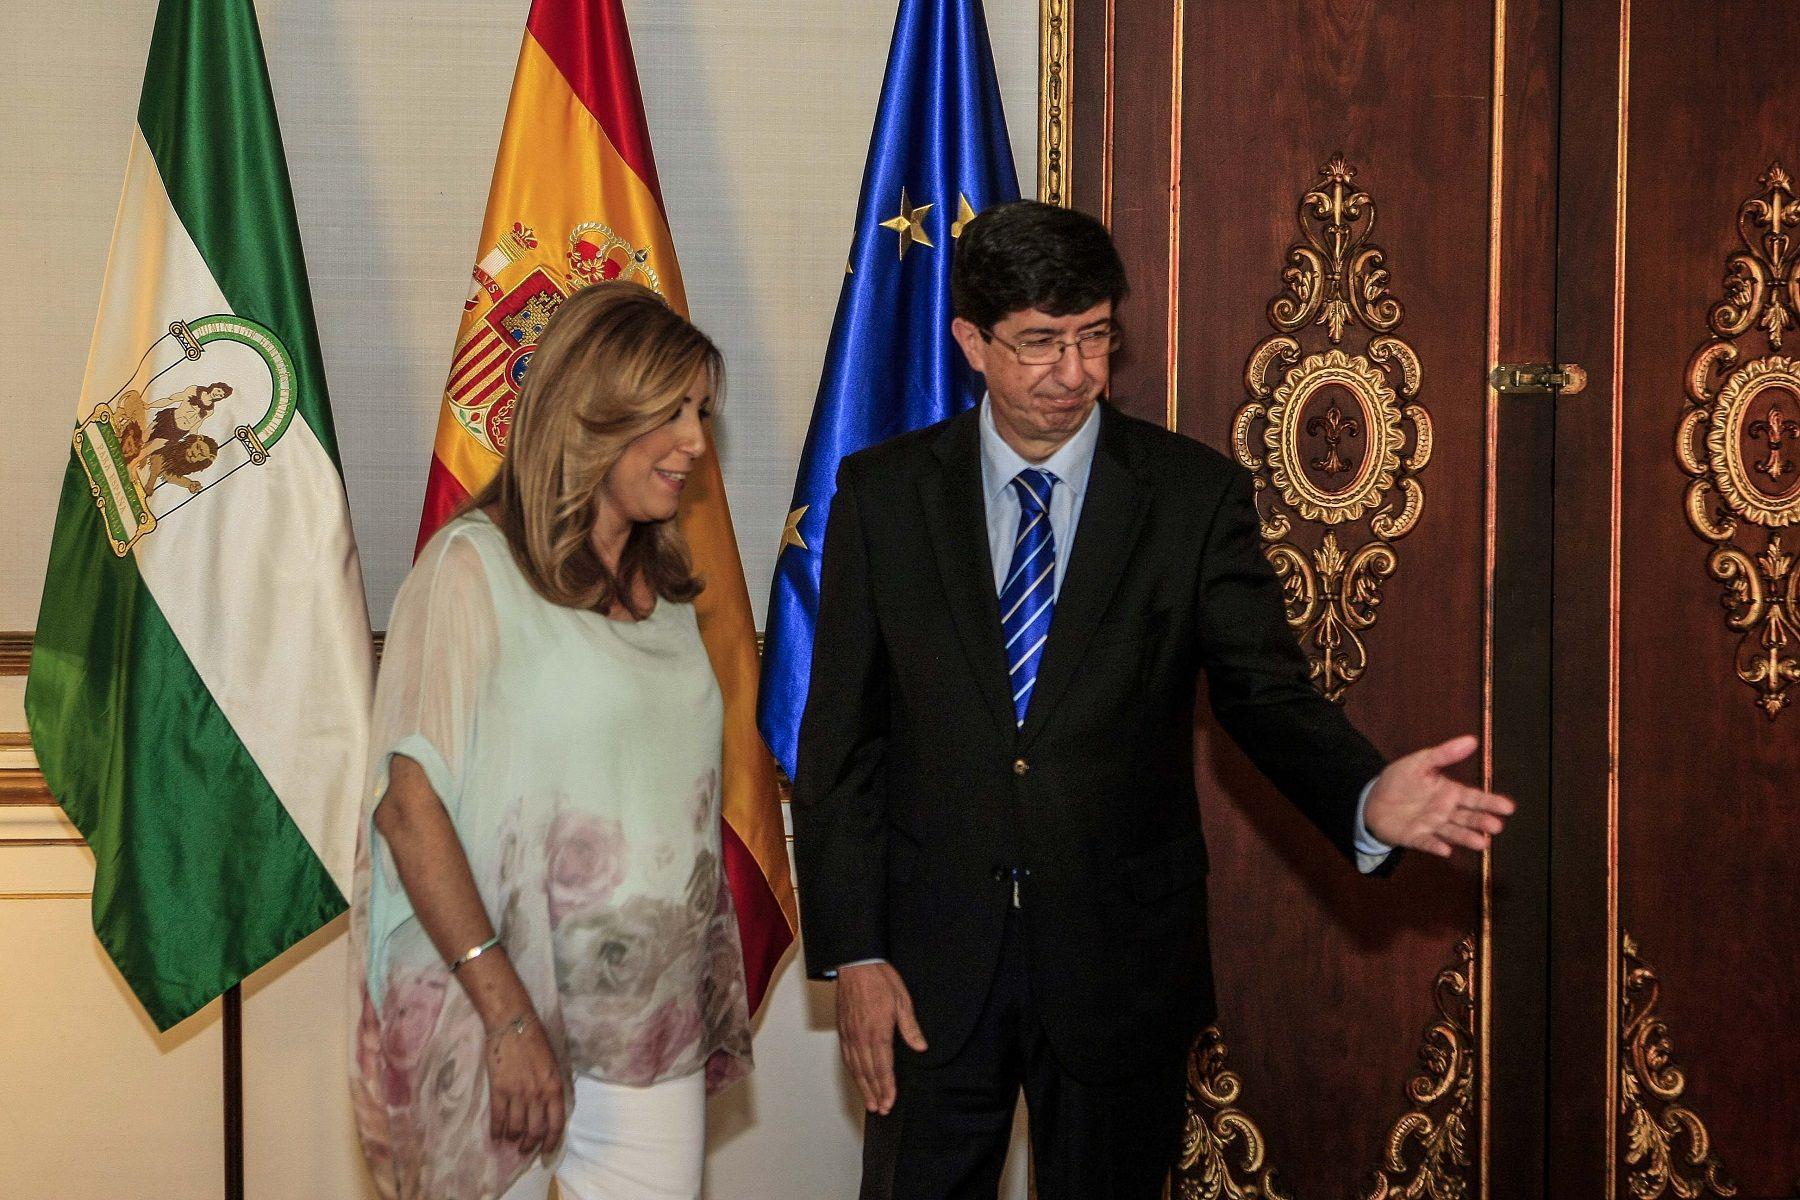 Susana Diaz recibe a Juan Marin, de Ciudadanos. Foto: Manuel Olmedo